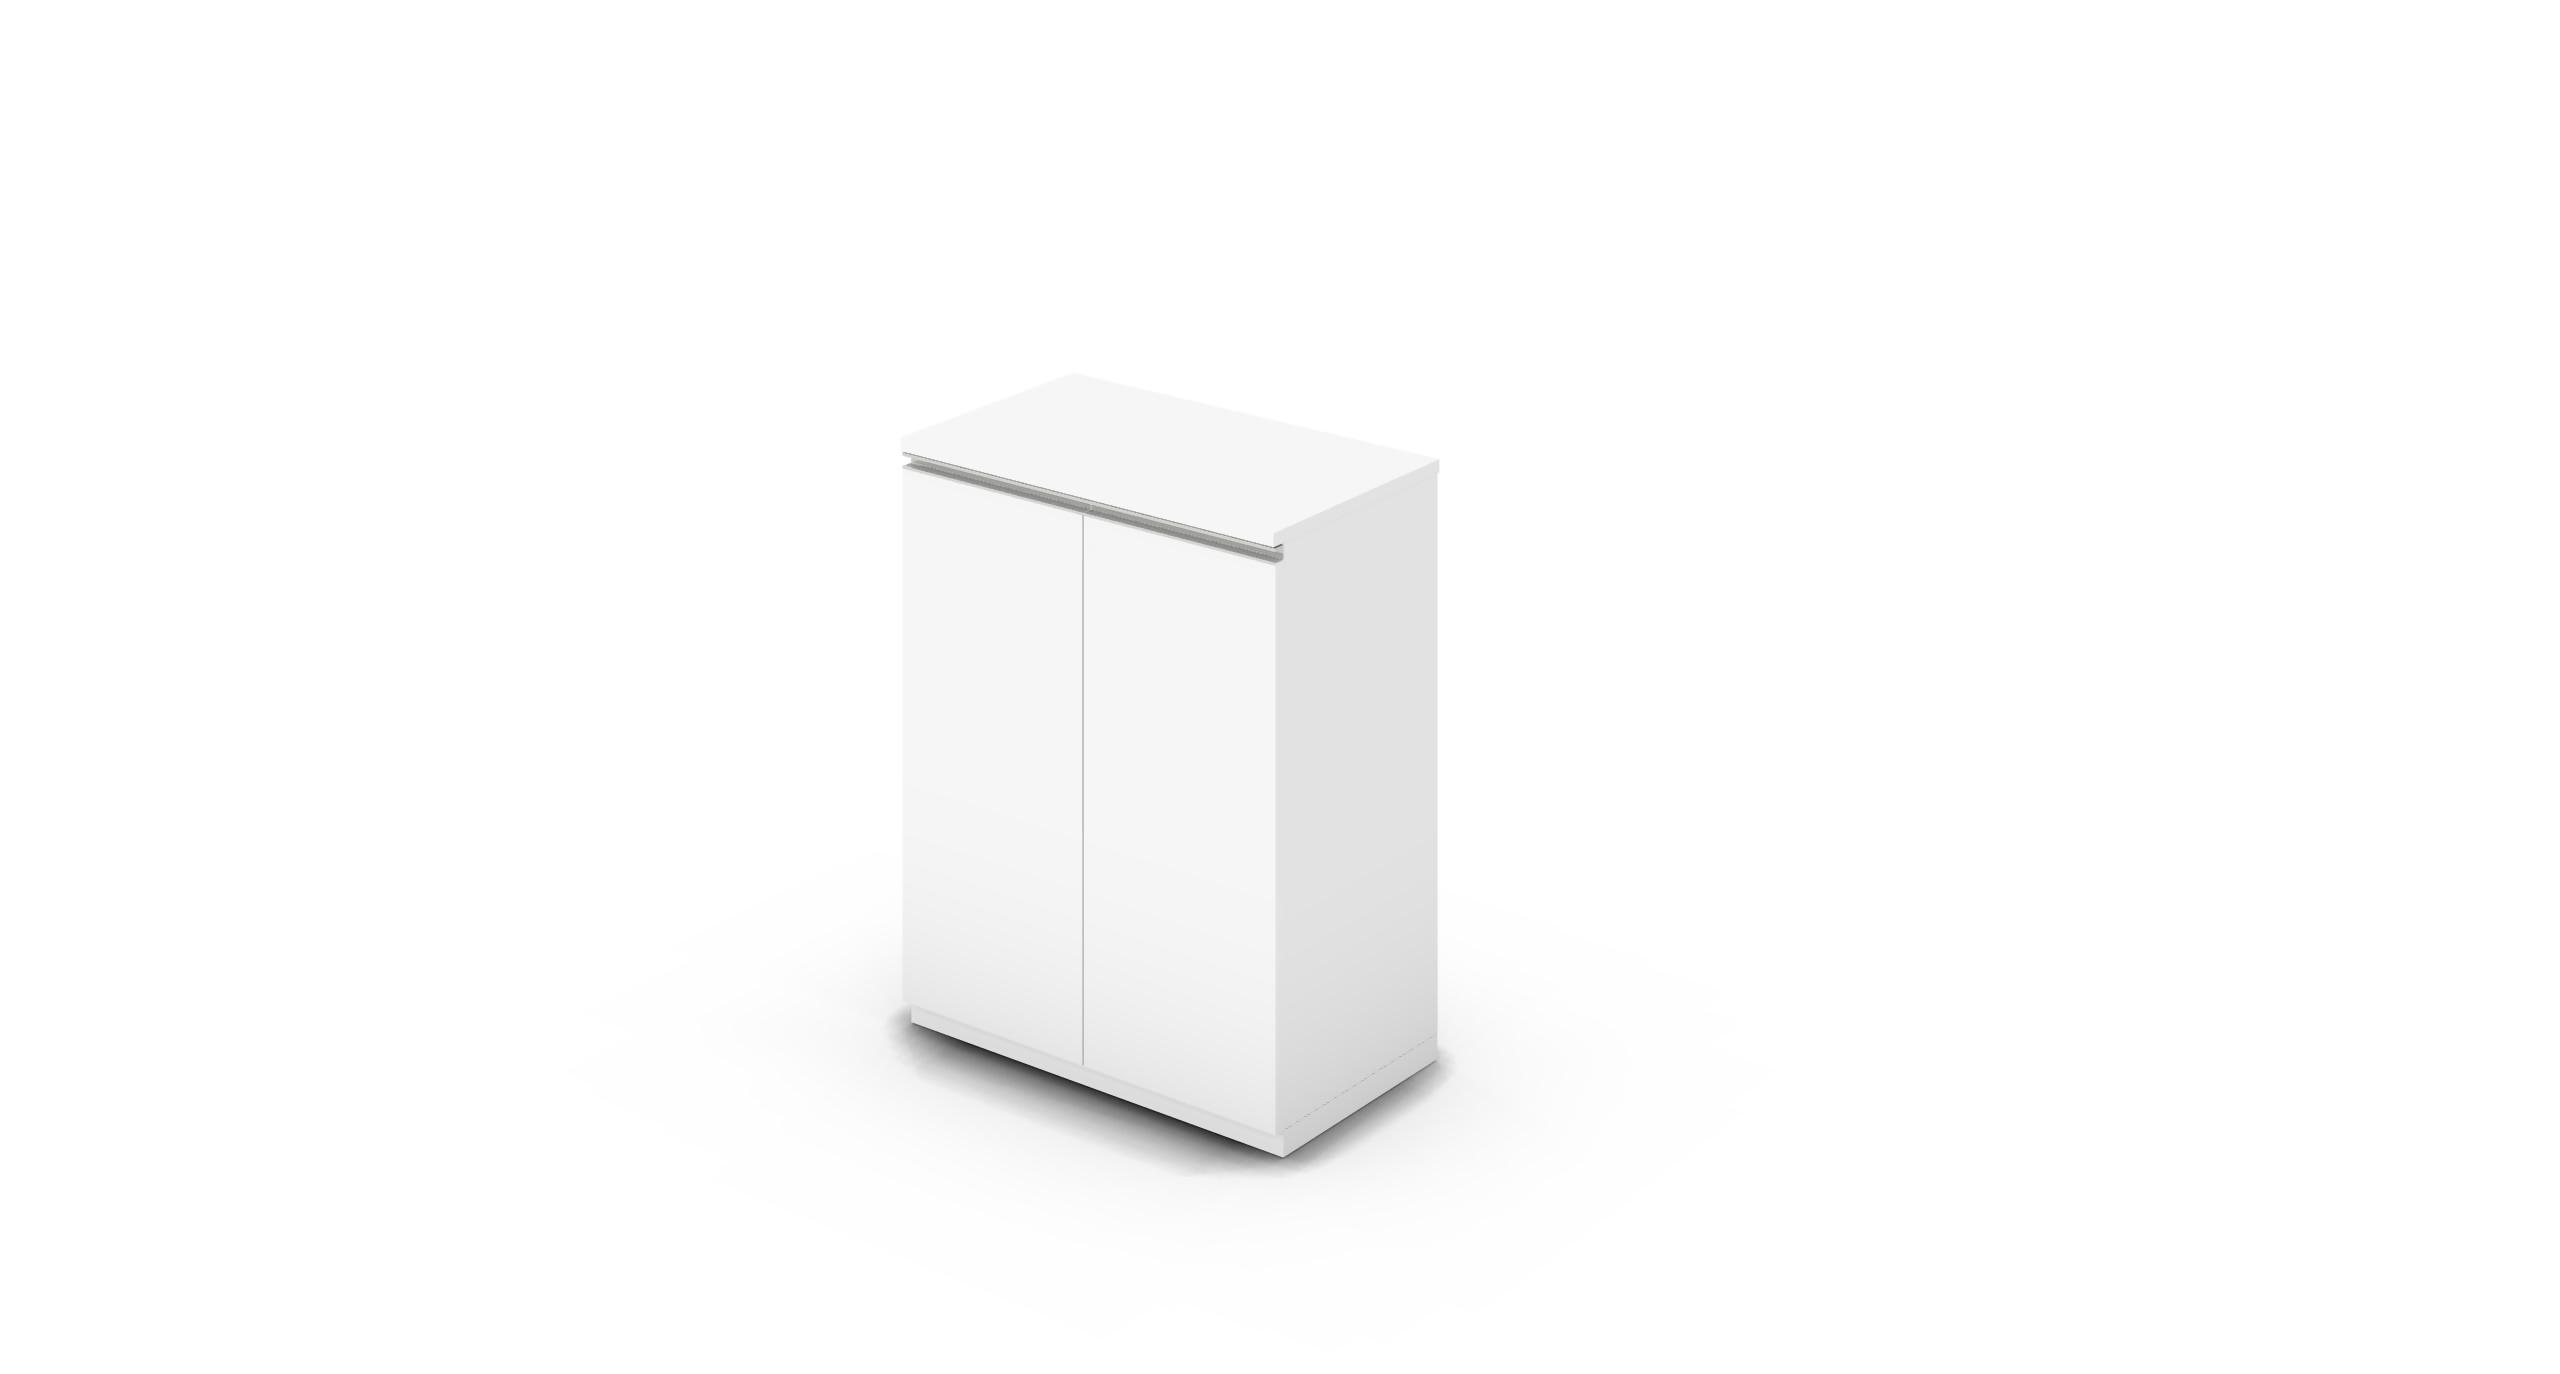 Cabinet_800x450x1125_HD_White_Rail_NoCylinder